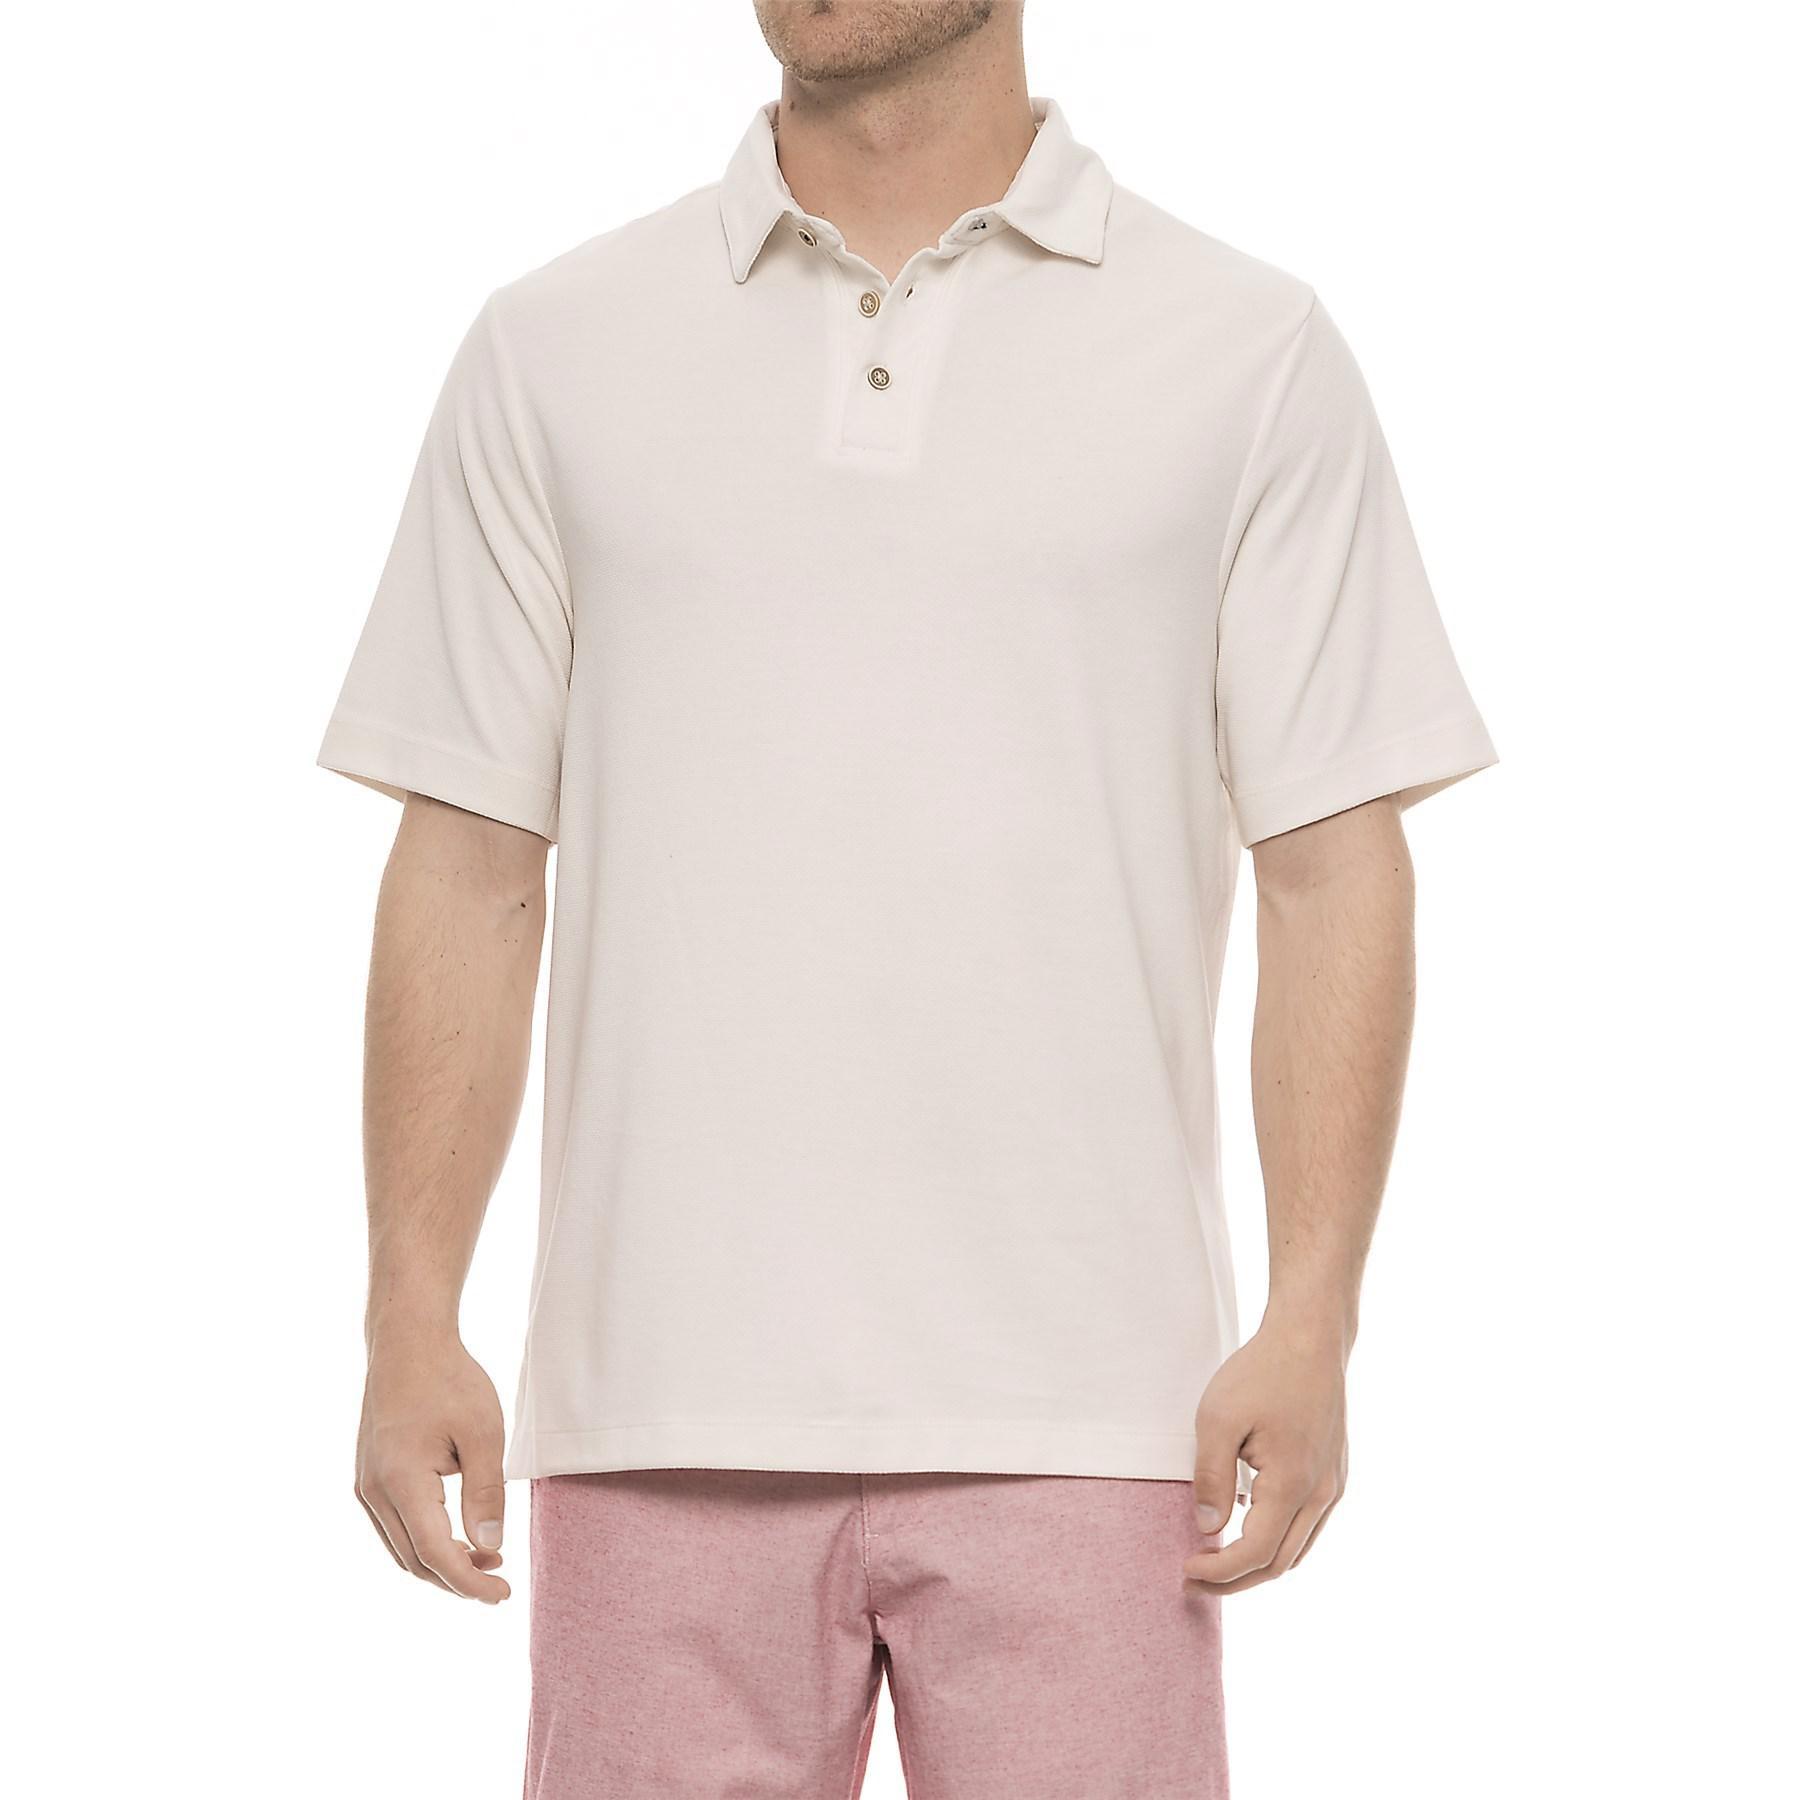 375284ef68b Lyst - Rainforest Modal Polo Shirt in White for Men